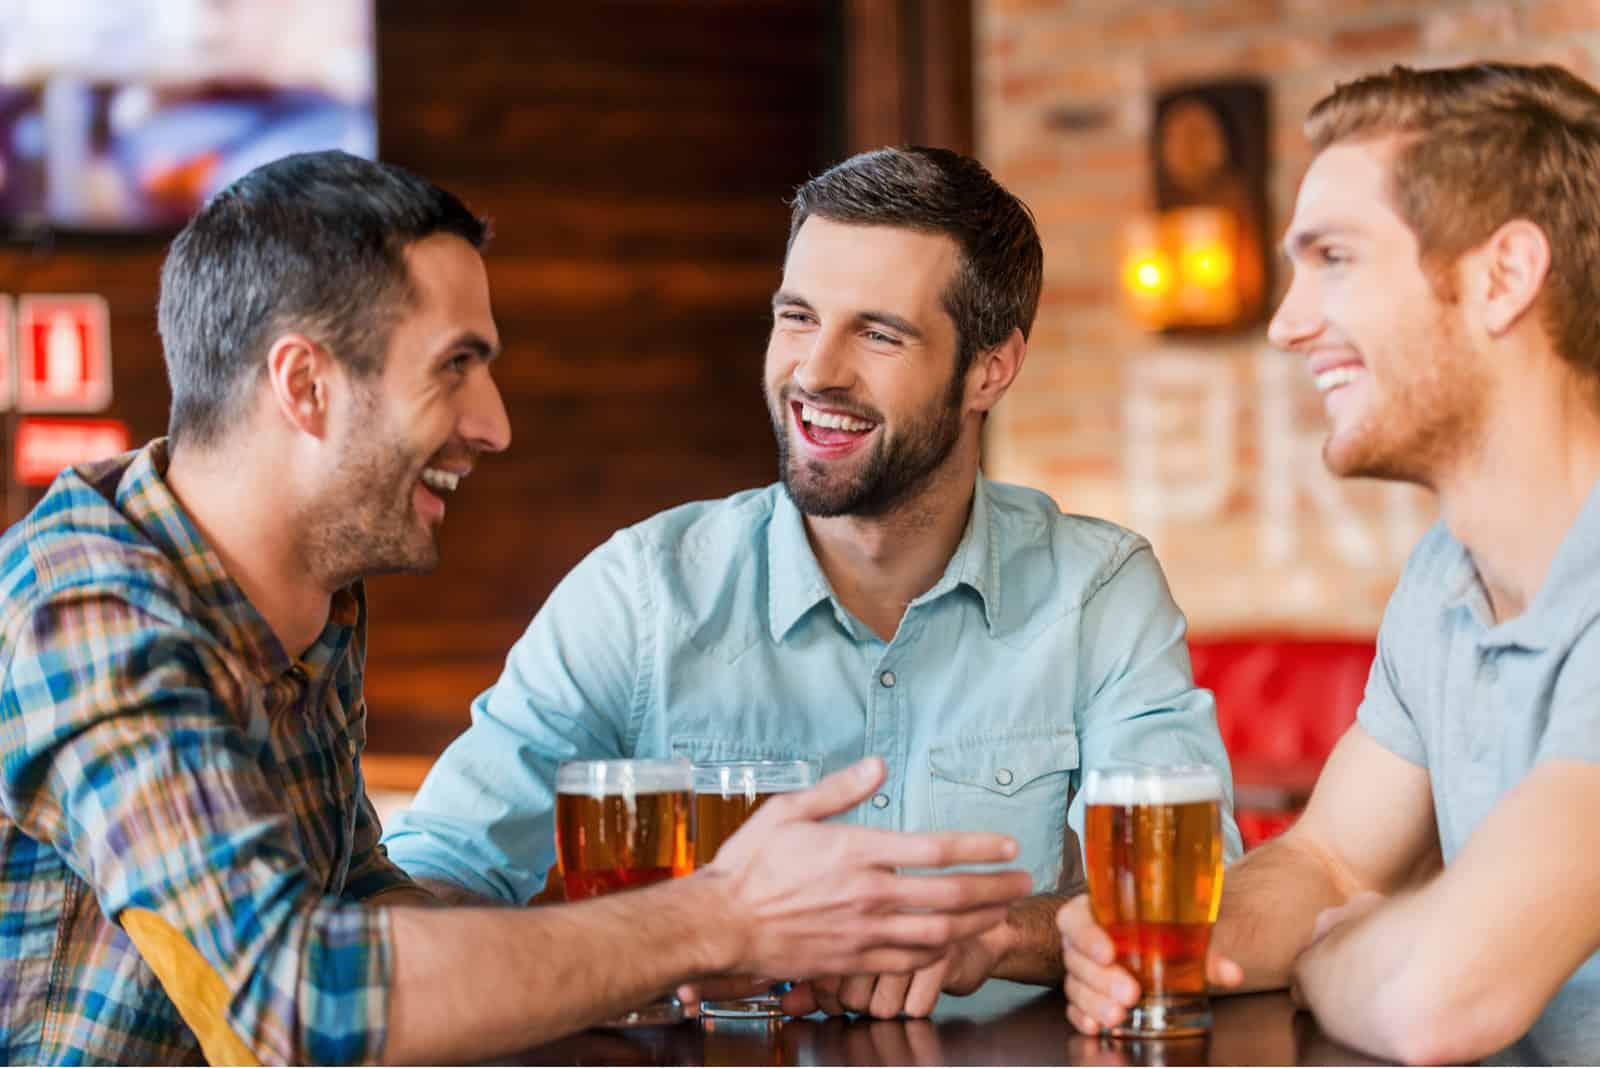 des amis s'assoient et discutent autour d'une bière